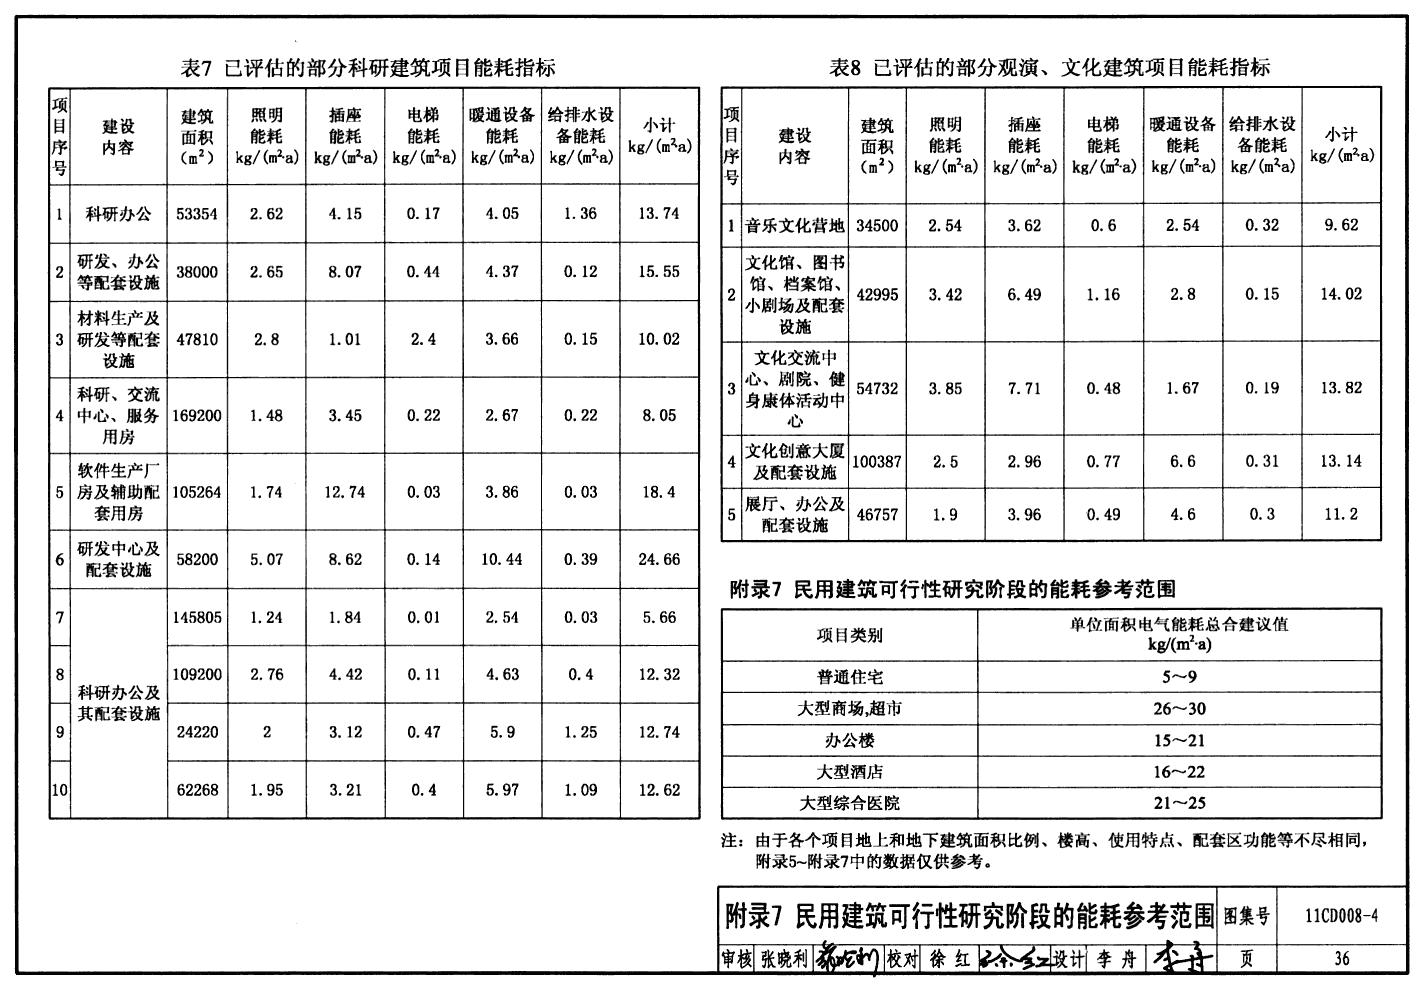 投资项目评估报告_固定资产投资项目节能评估报告表doc41页企